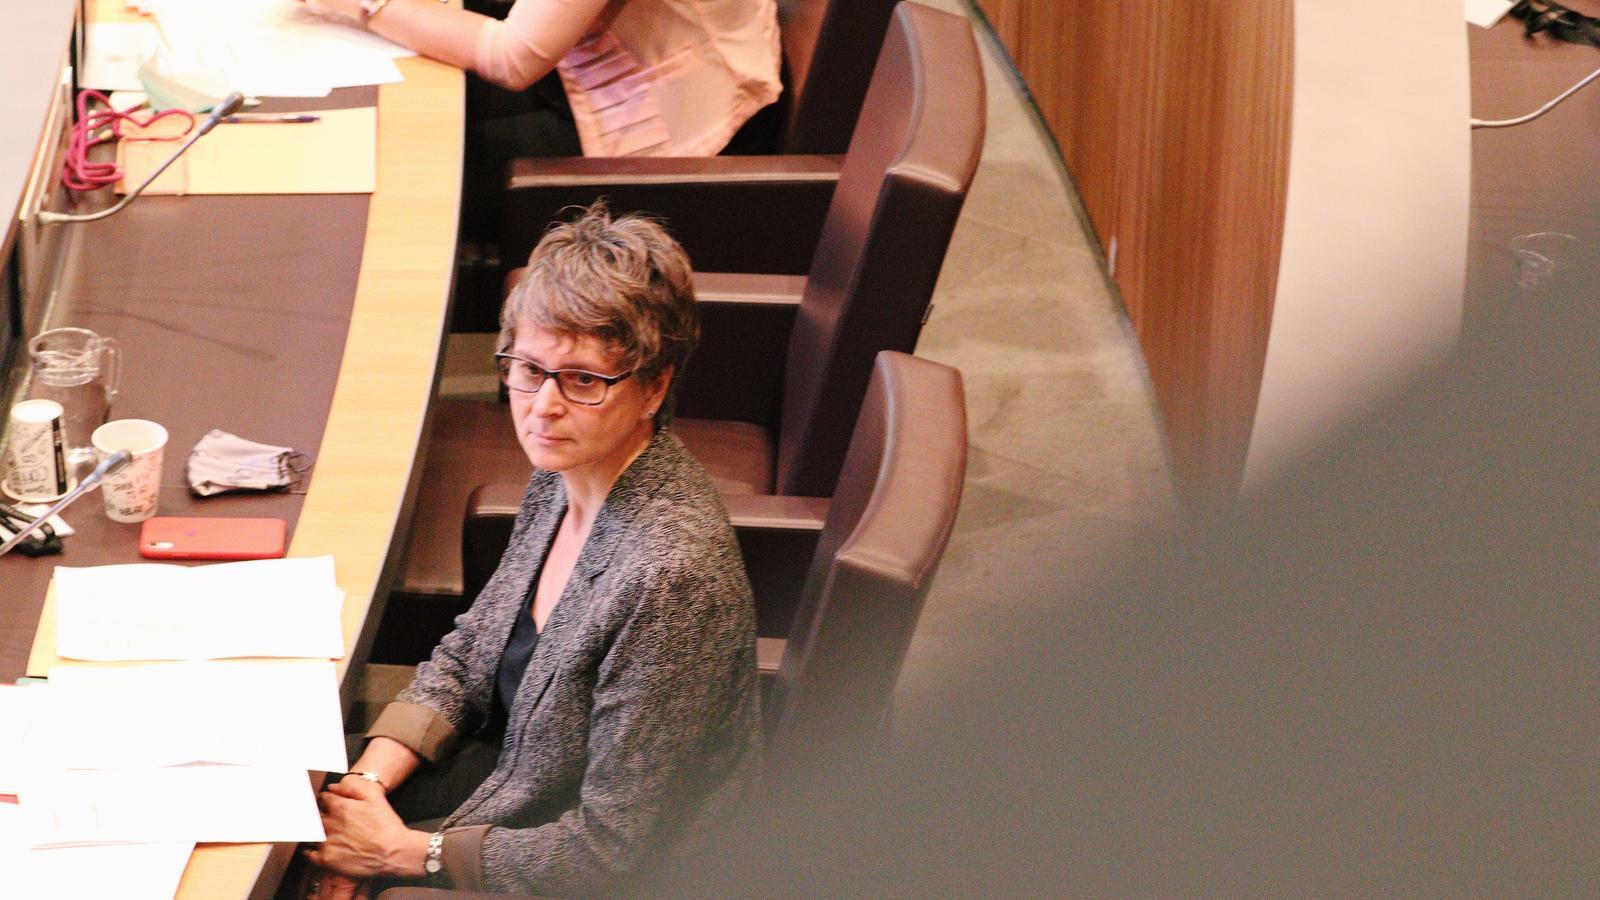 La consellera general del grup parlamentari socialdemòcrata, Susanna Vela. / PS